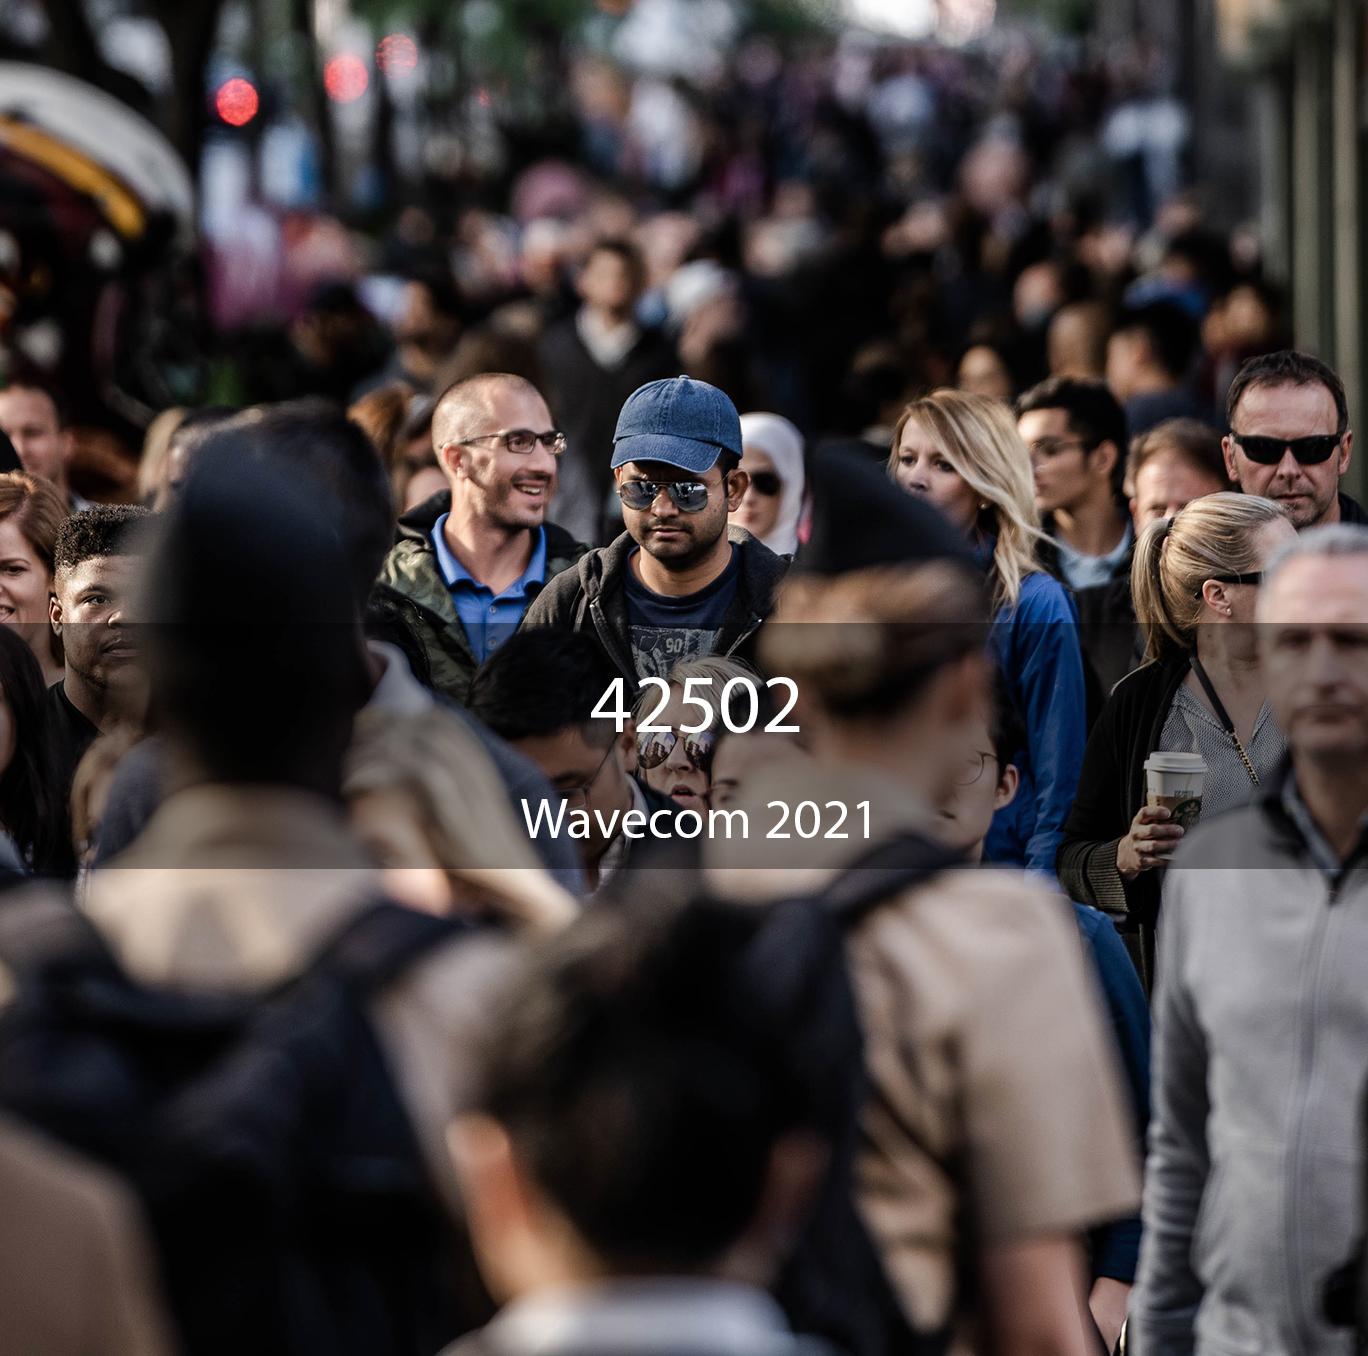 Projectos Cofinanciados Wavecom - Internacionalização Wavecom 2021